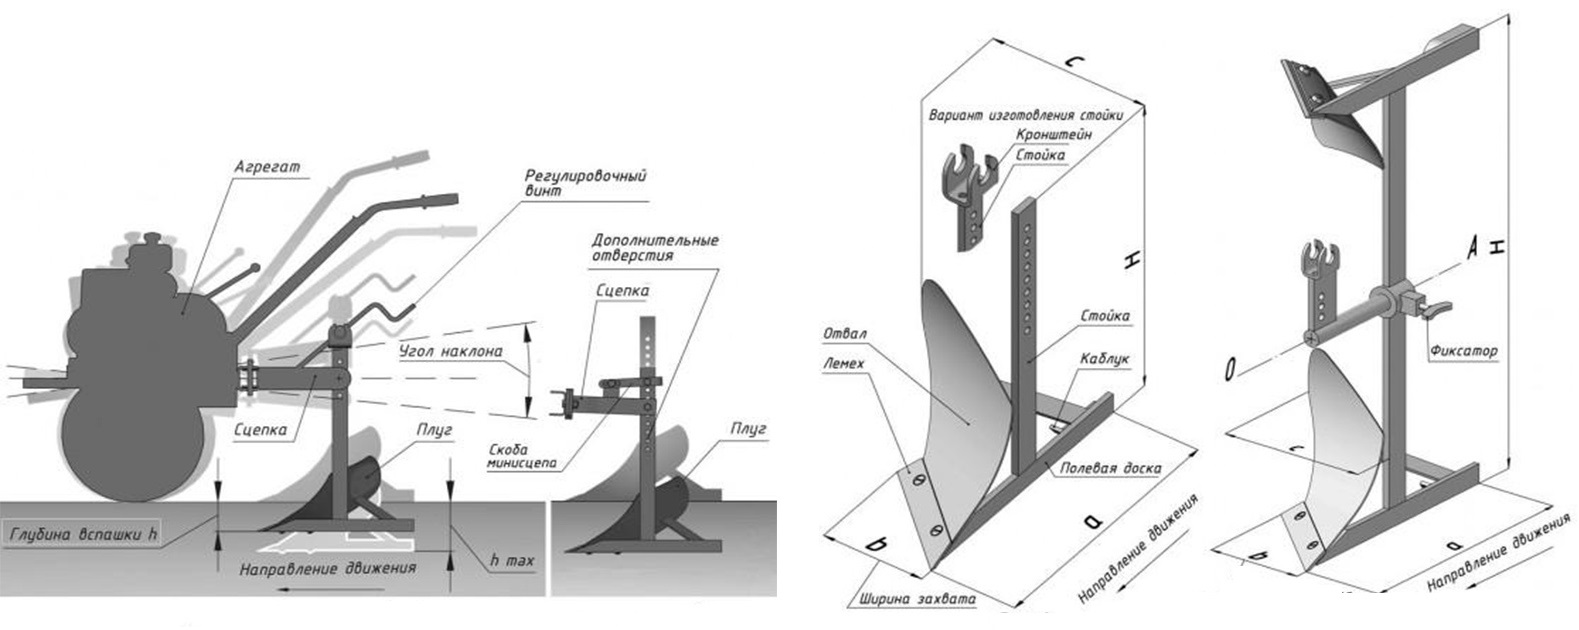 Общая схема самодельного плуга для мотоблока МТЗ